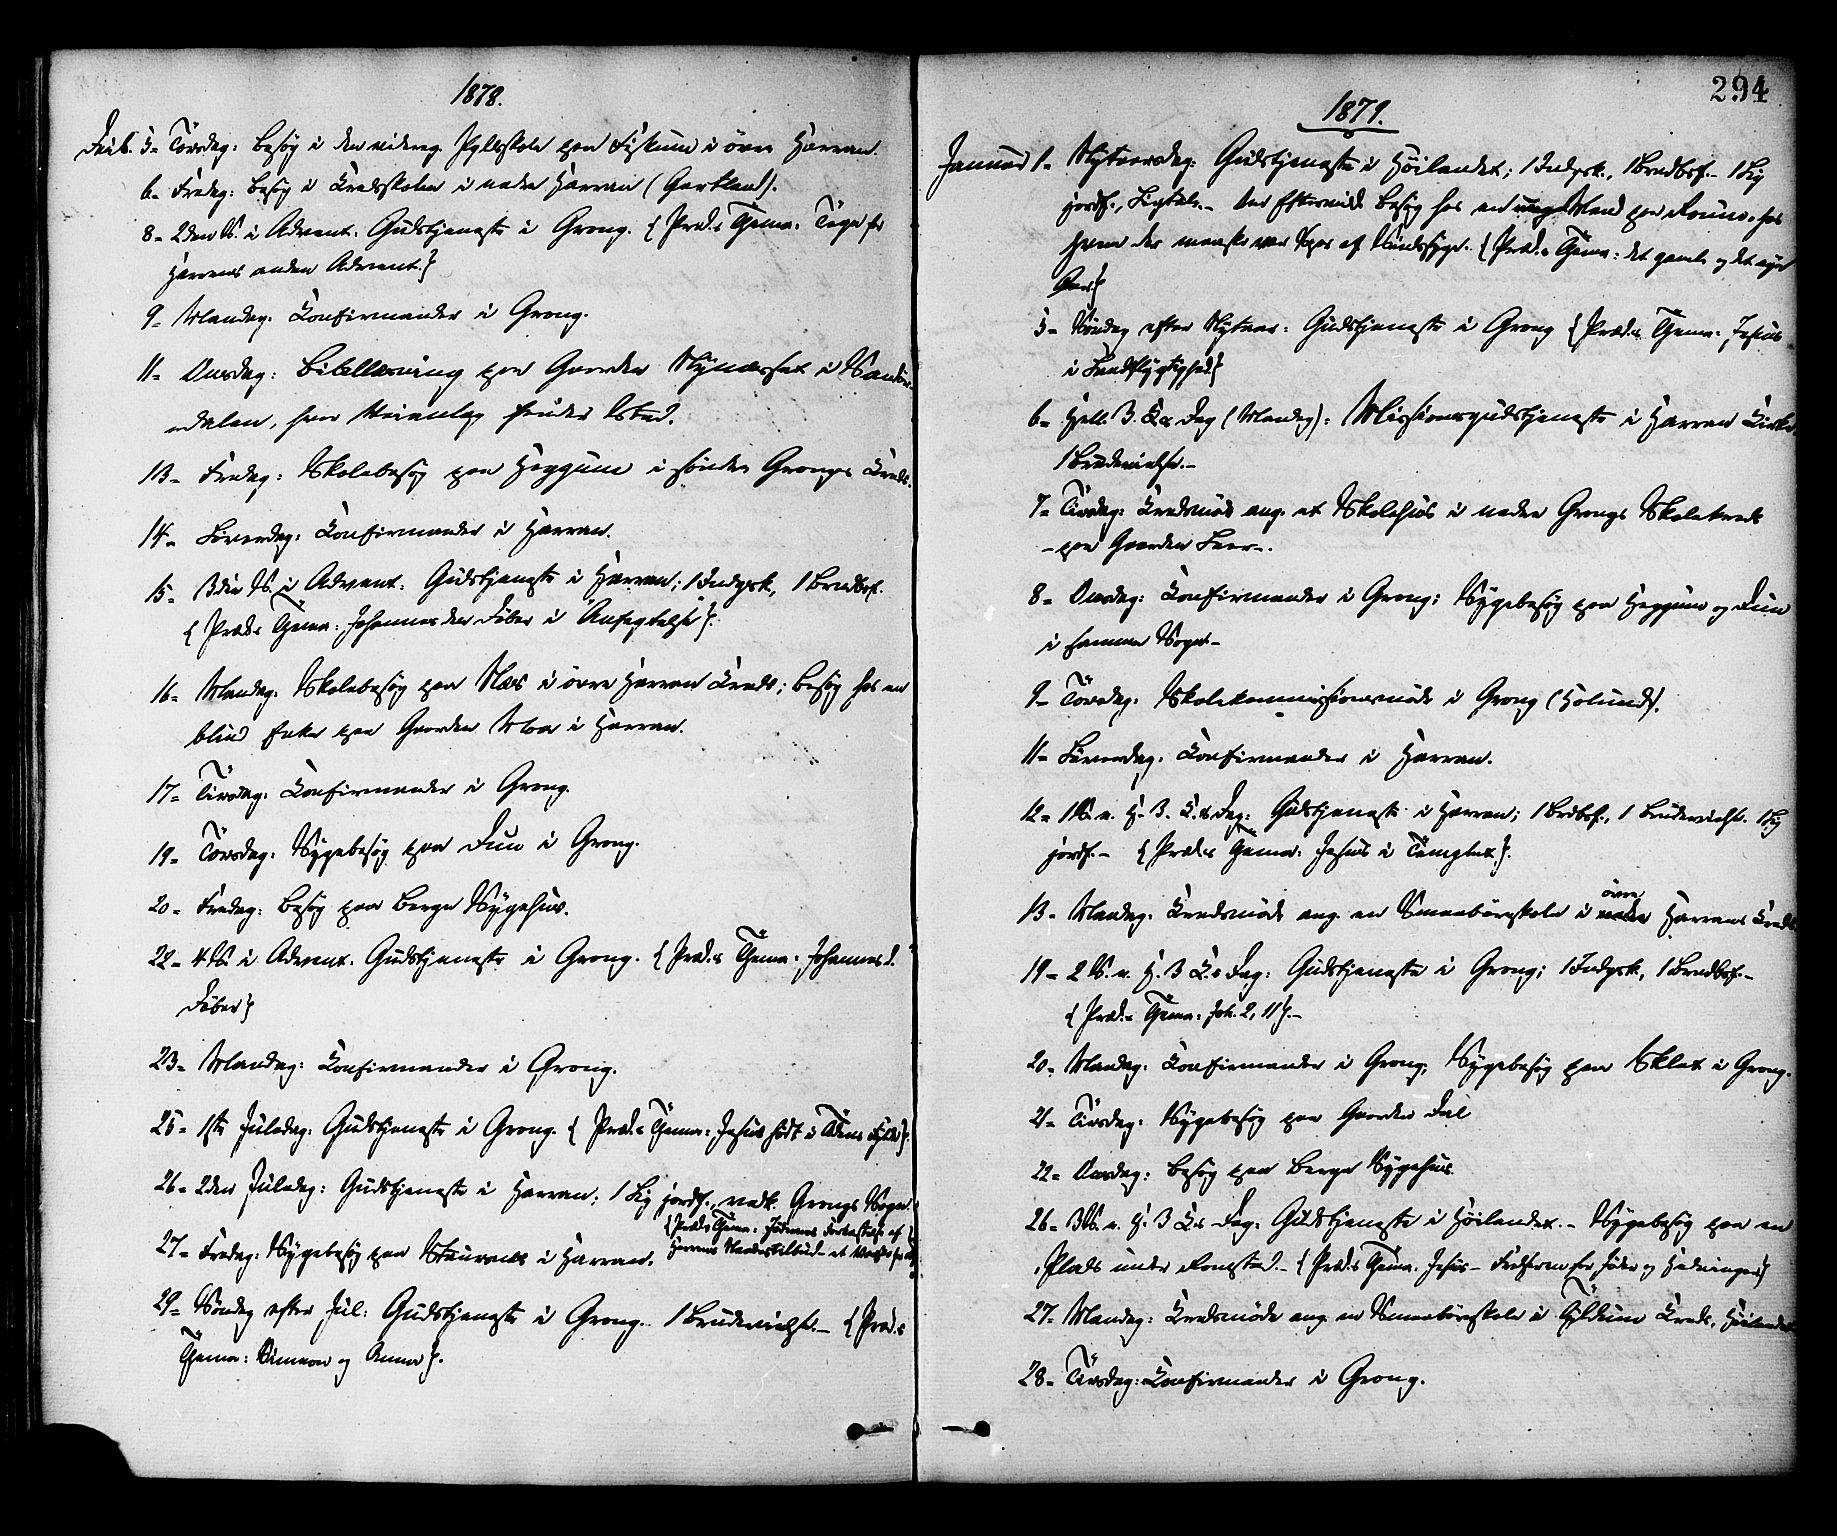 SAT, Ministerialprotokoller, klokkerbøker og fødselsregistre - Nord-Trøndelag, 758/L0516: Ministerialbok nr. 758A03 /1, 1869-1879, s. 294